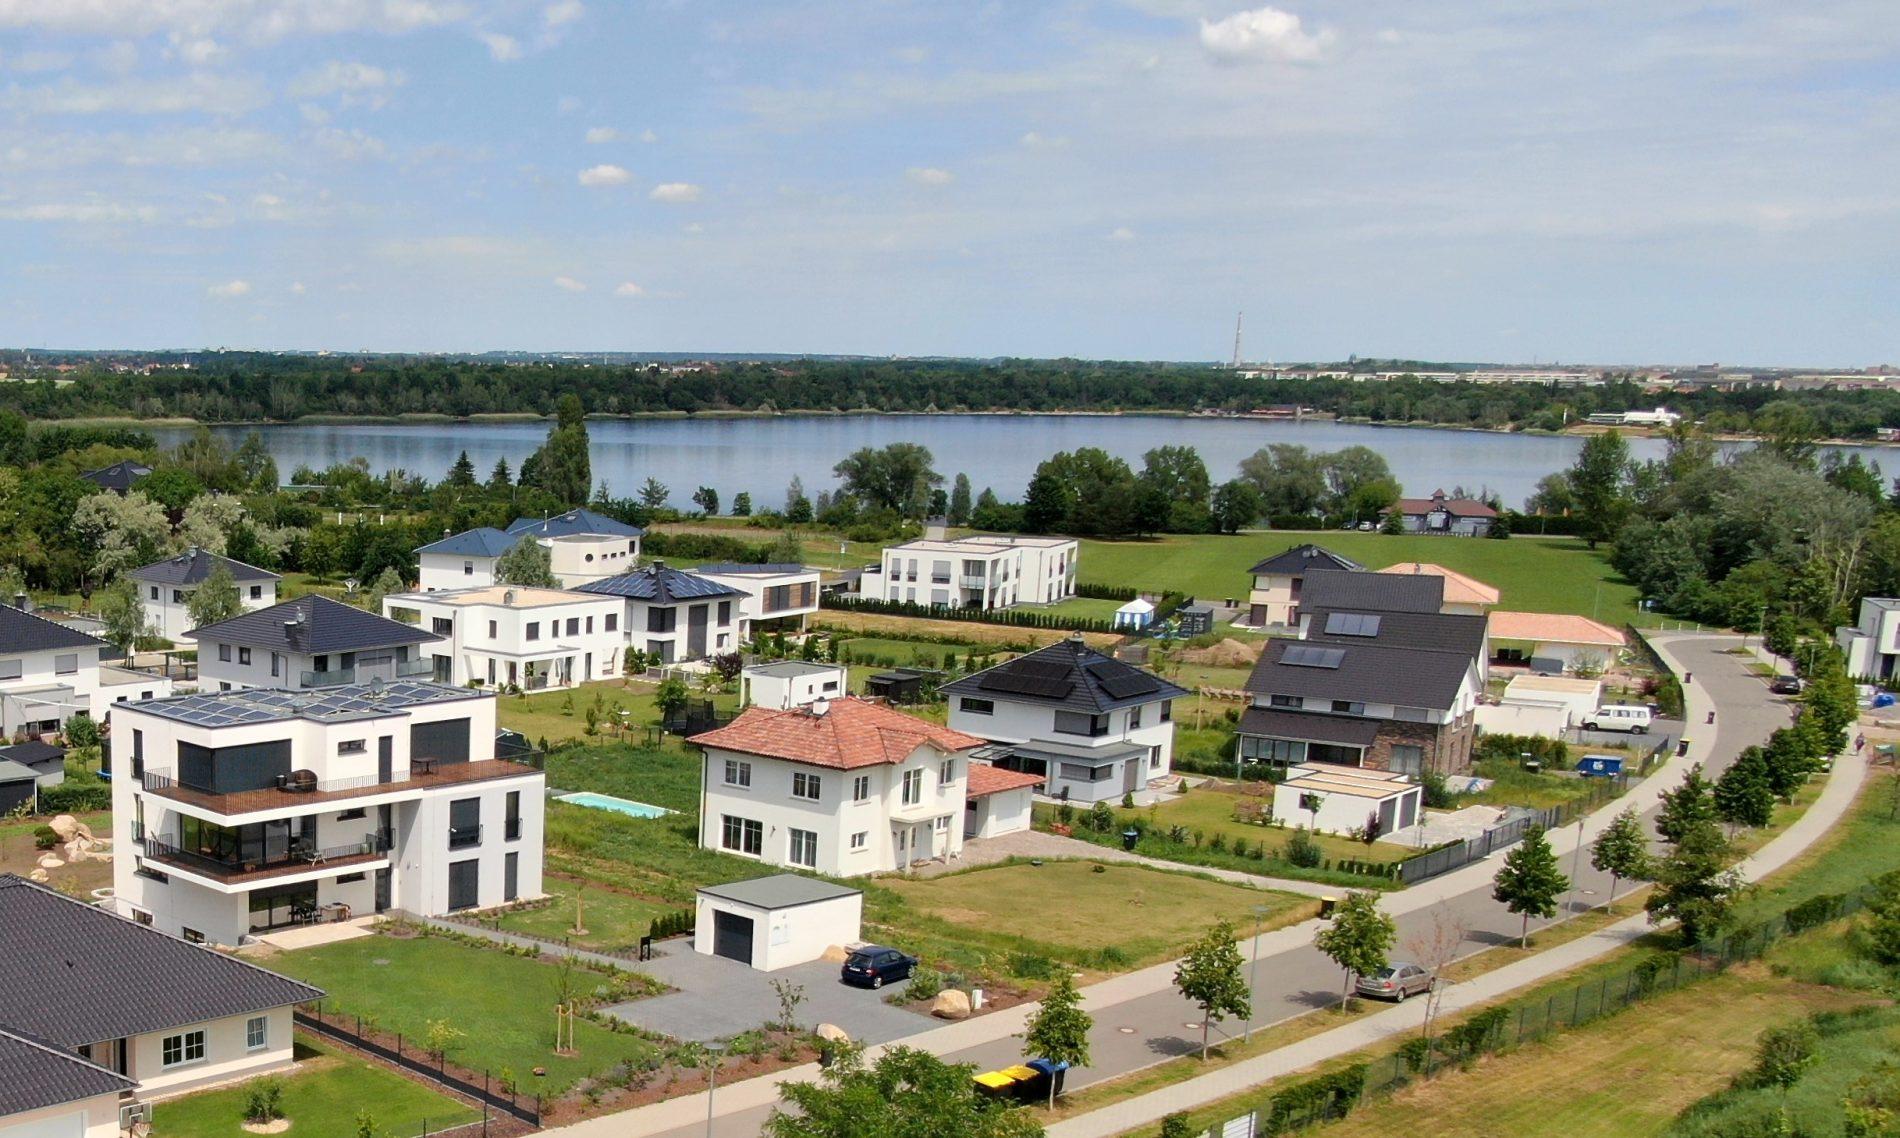 Luftaufnahme Westufer Kulkwitzer See, Juni 2019. Südwestlich von Leipzig.